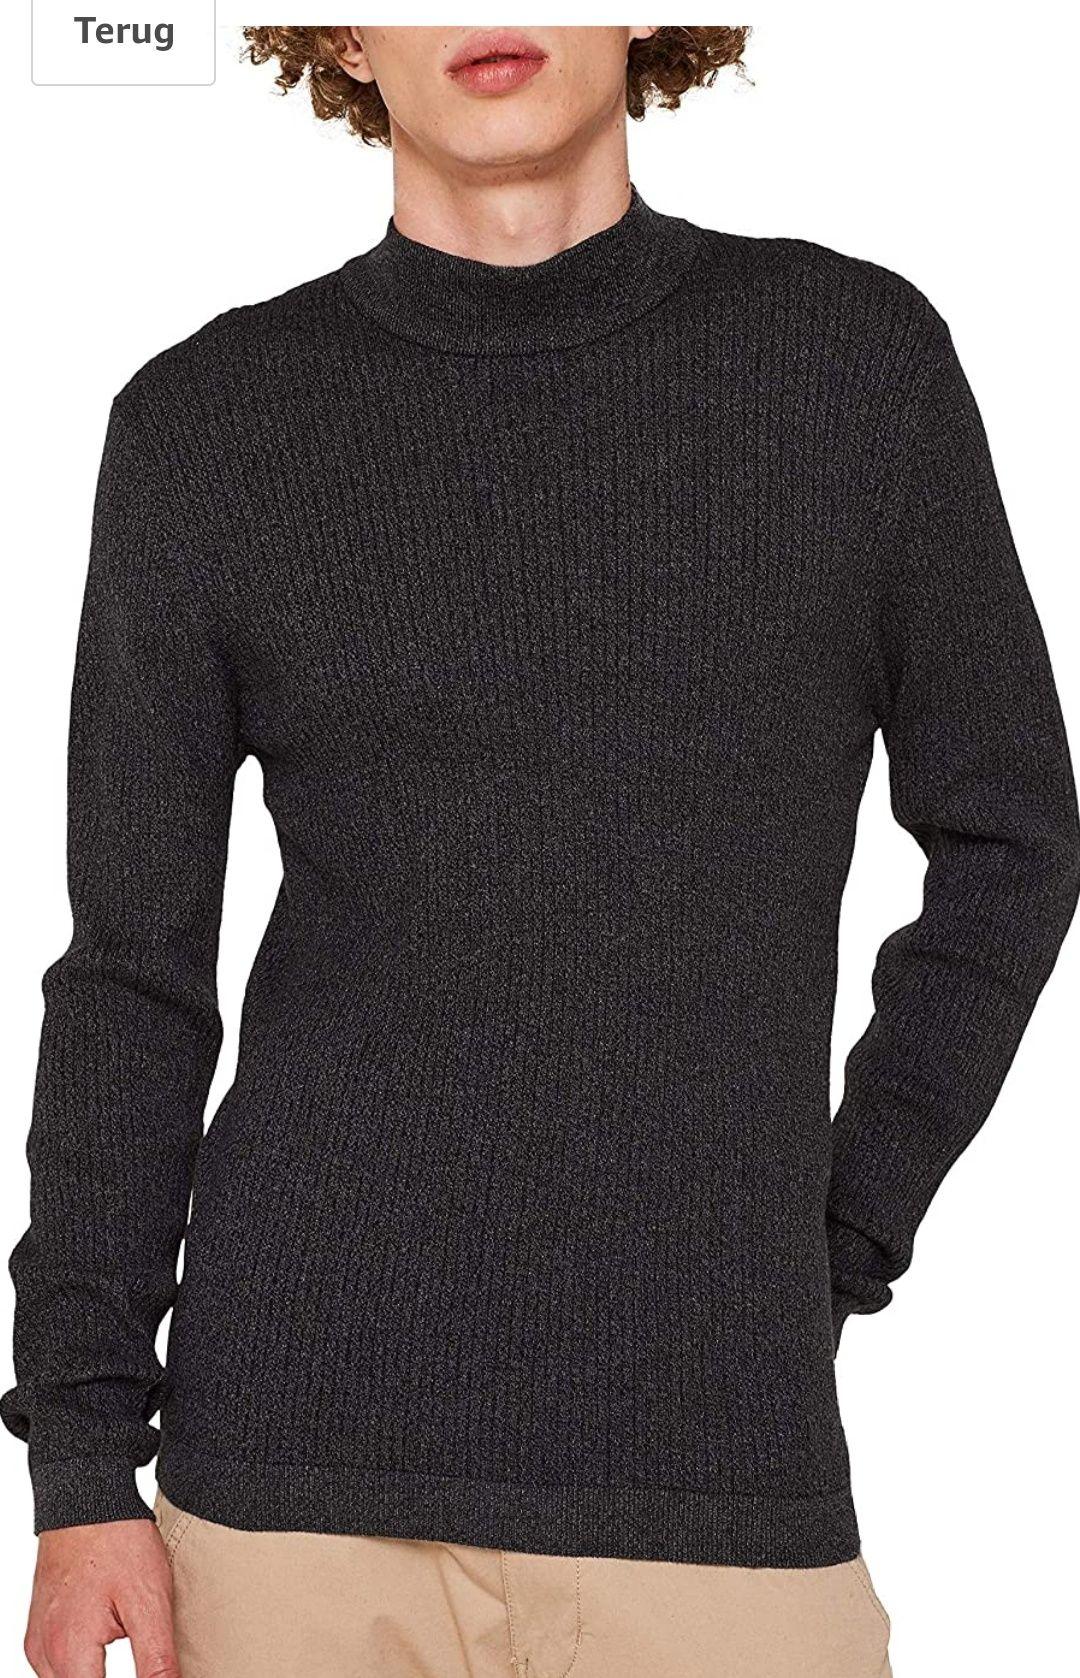 Edc by ESPRIT heren pullover grijs